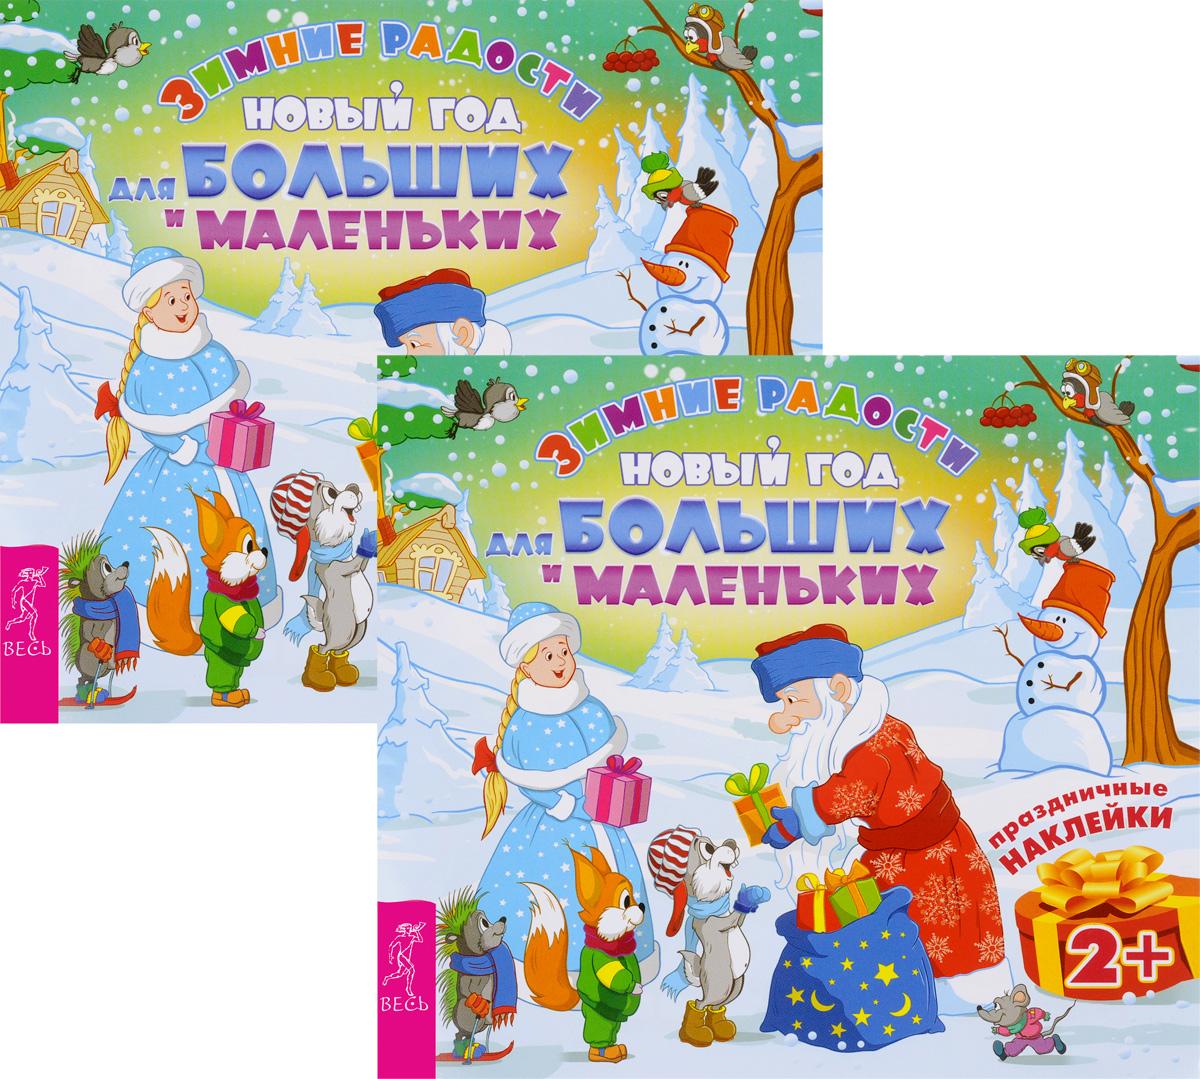 Новый год для больших и маленьких (комплект из 2 книг + наклейки)